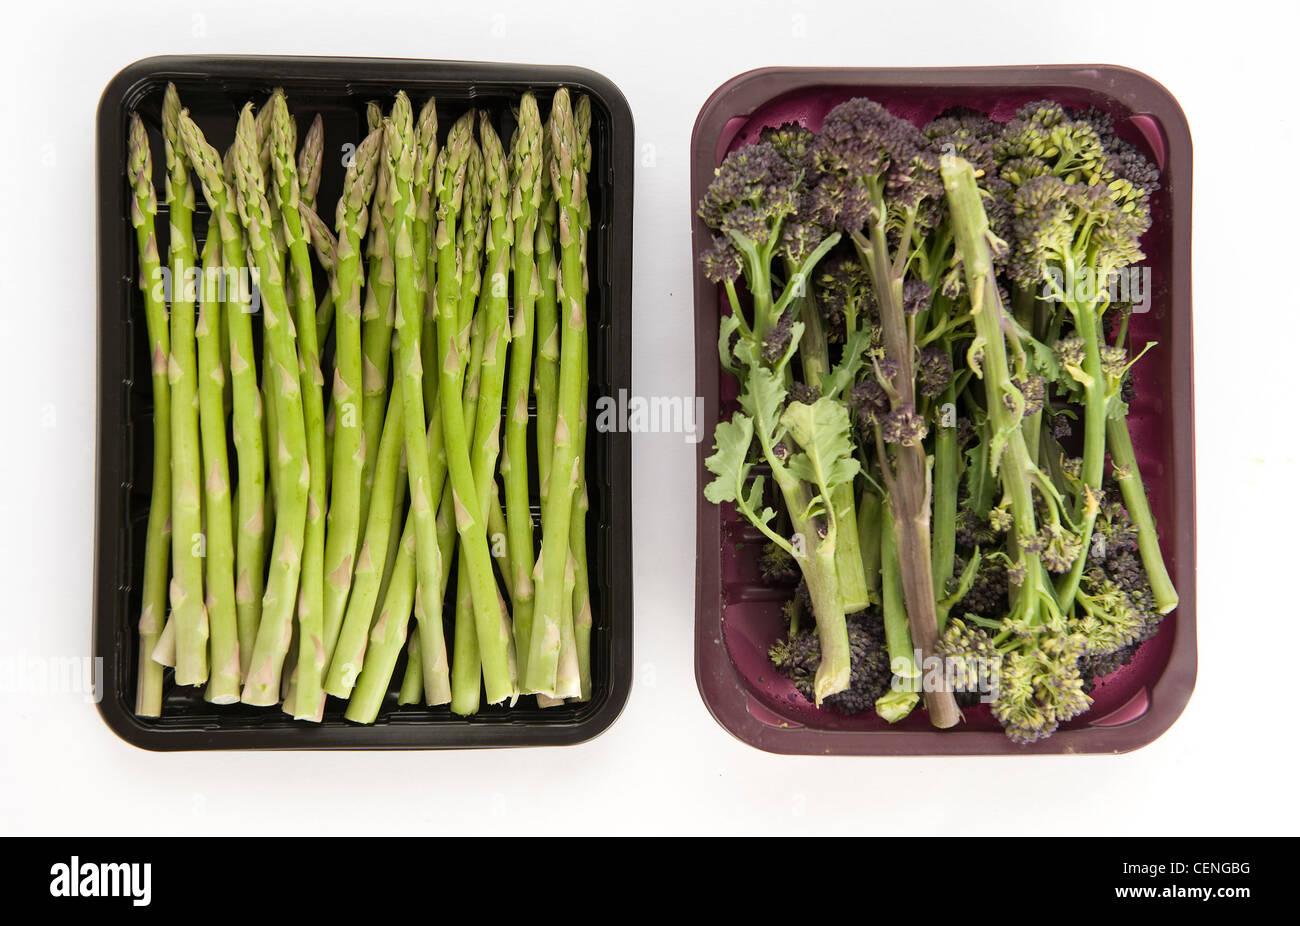 Ancora un immagine di vita di asparagi e viola i broccoli in nero e viola i contenitori in plastica Immagini Stock